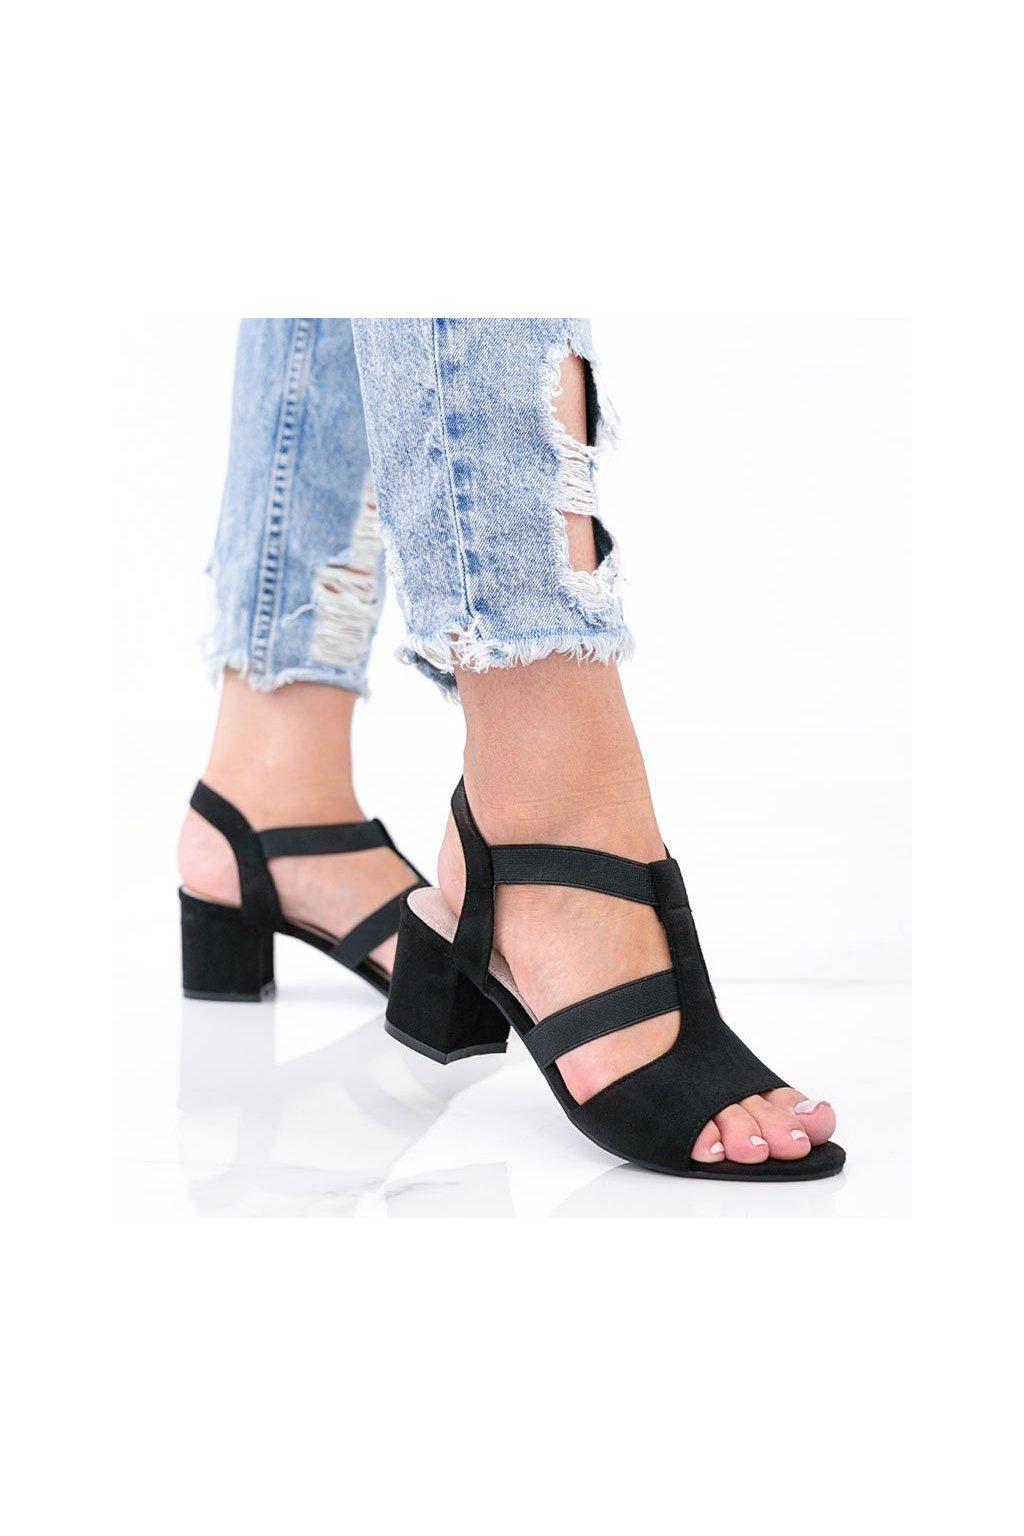 Dámske topánky sandále čierne kód LEI501-A - GM